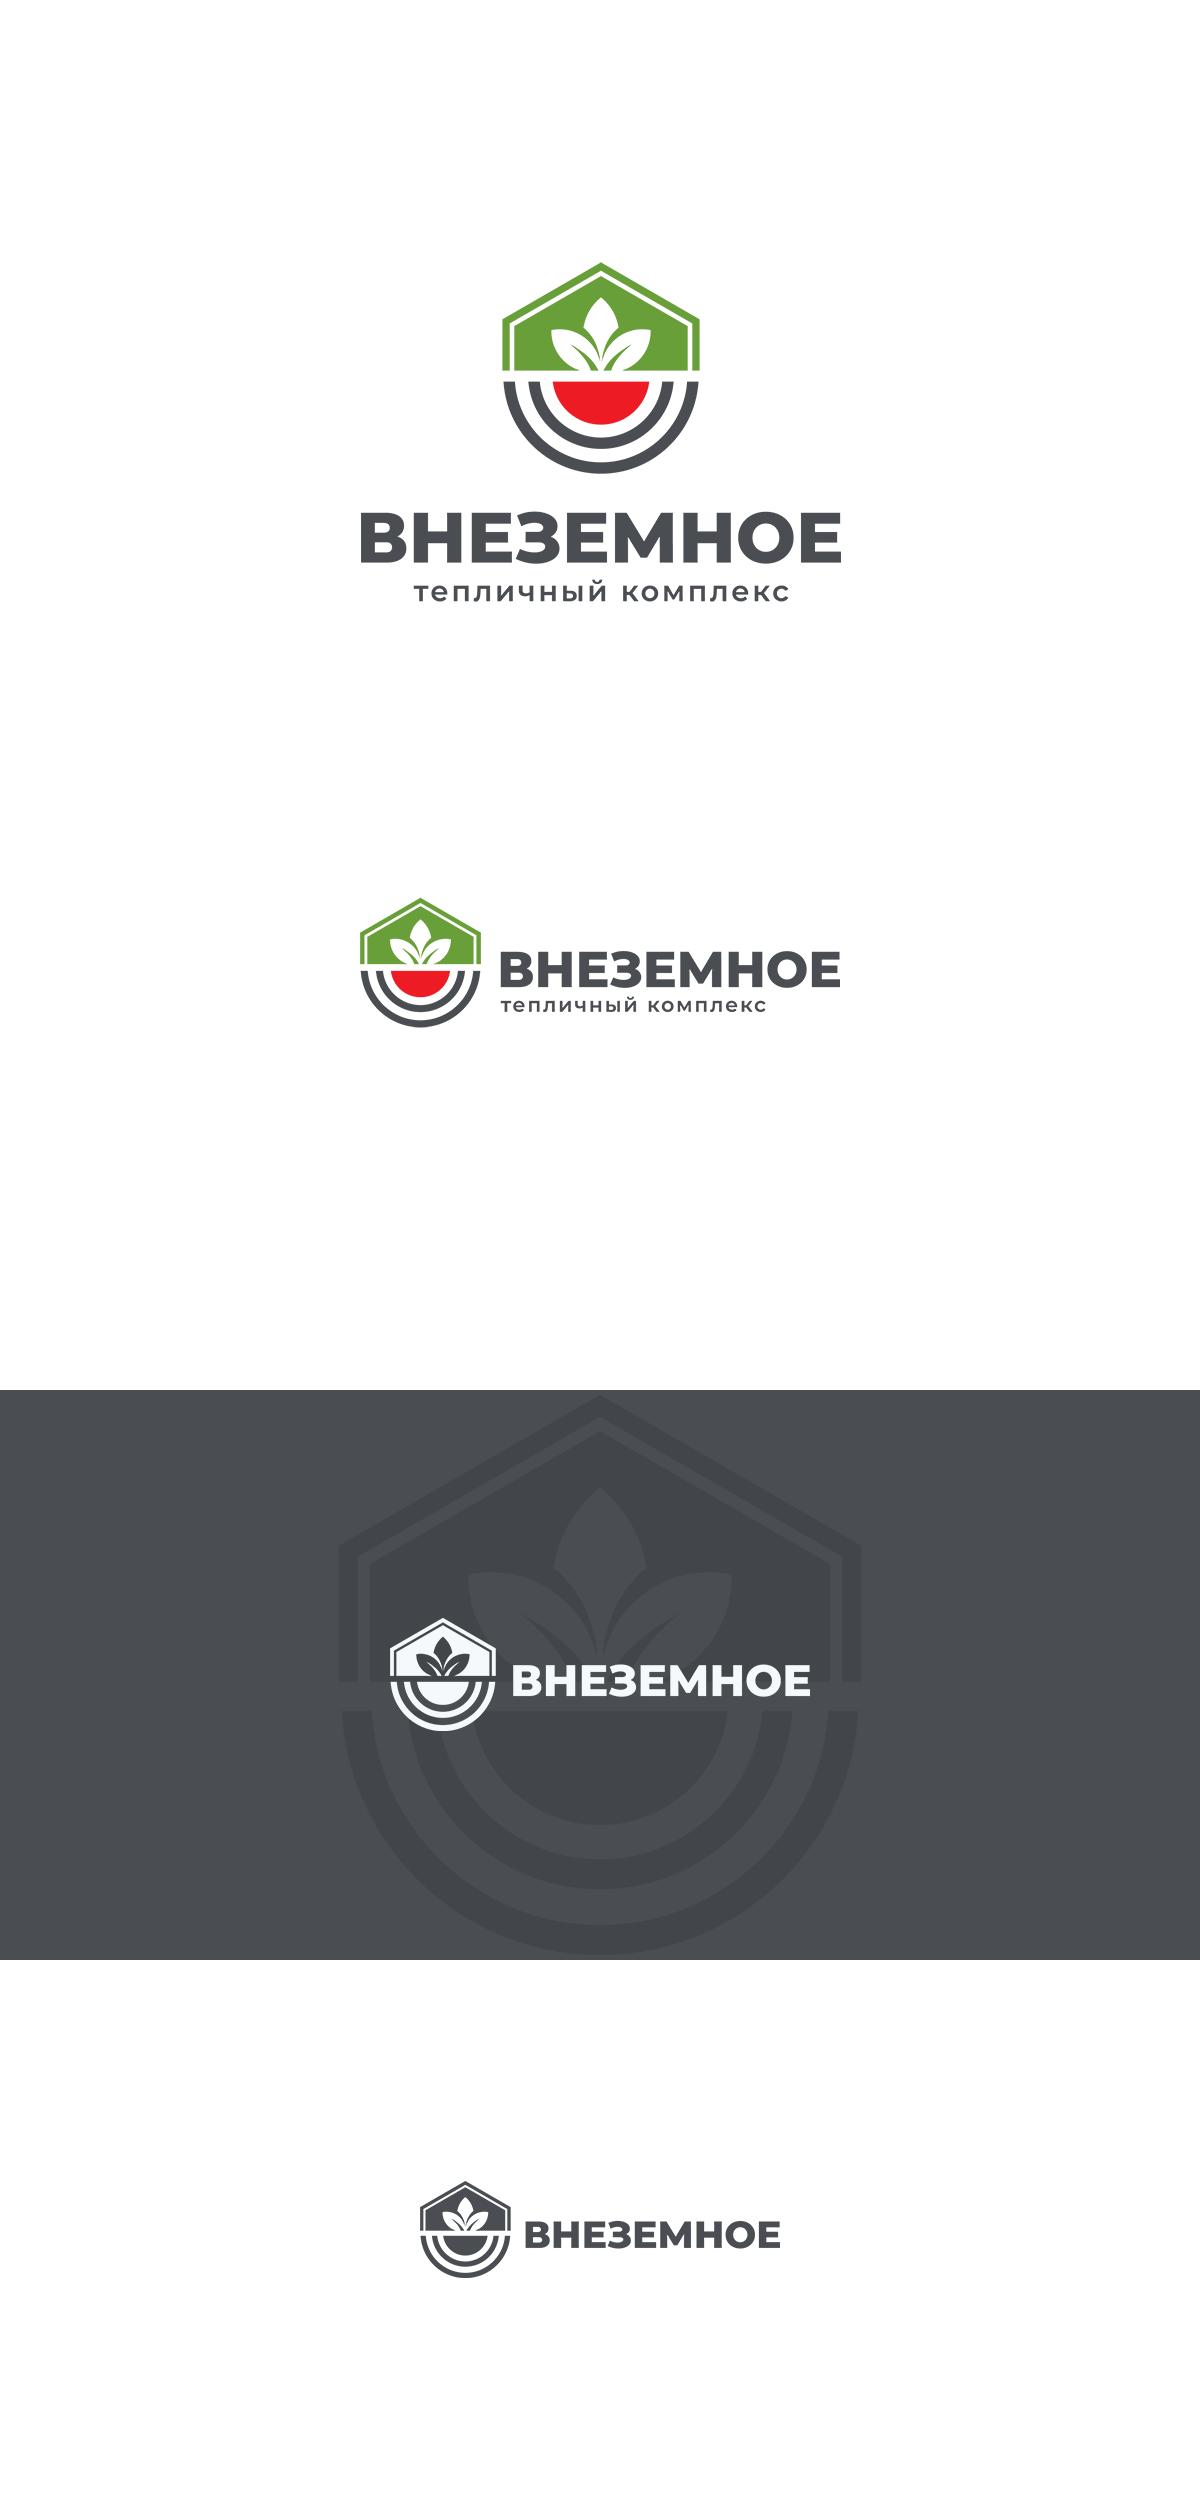 """Логотип и фирменный стиль """"Внеземное"""" фото f_9465e7e4366c5f00.png"""